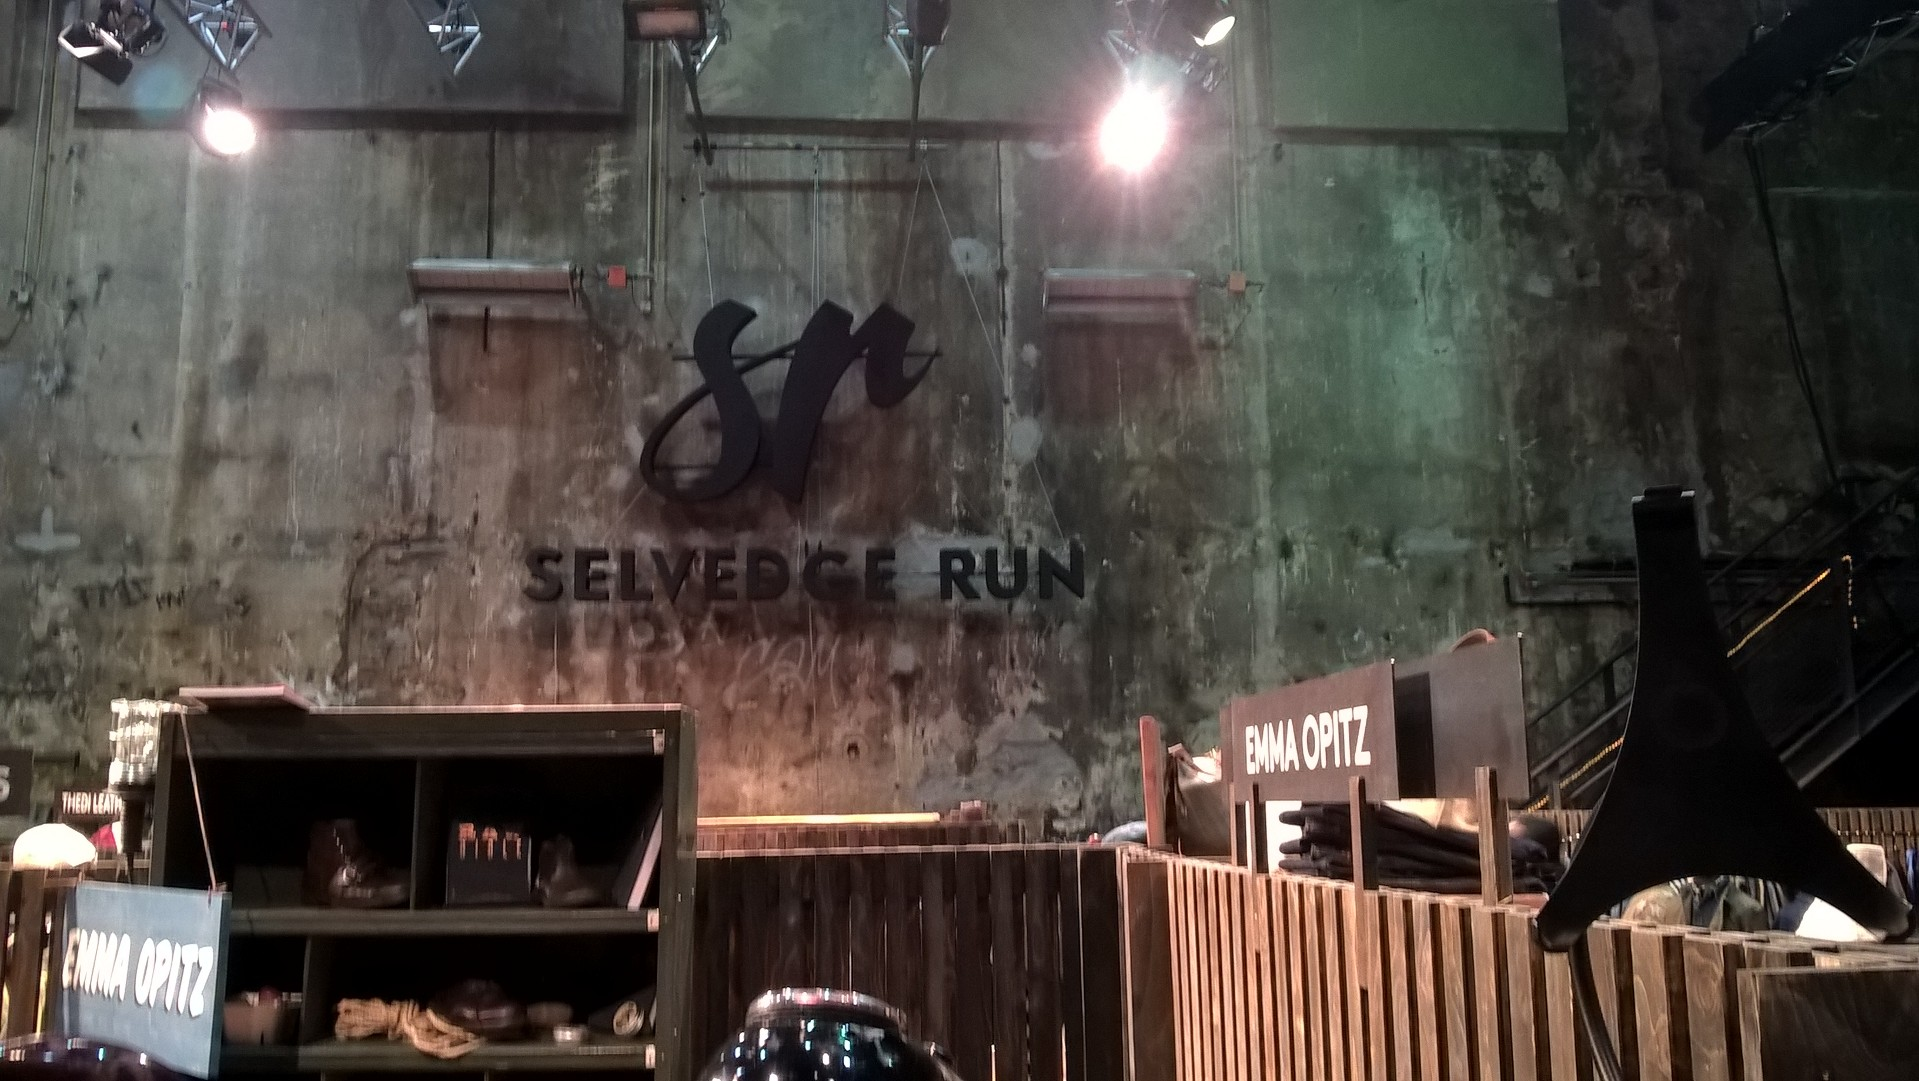 Selvedge Run Show